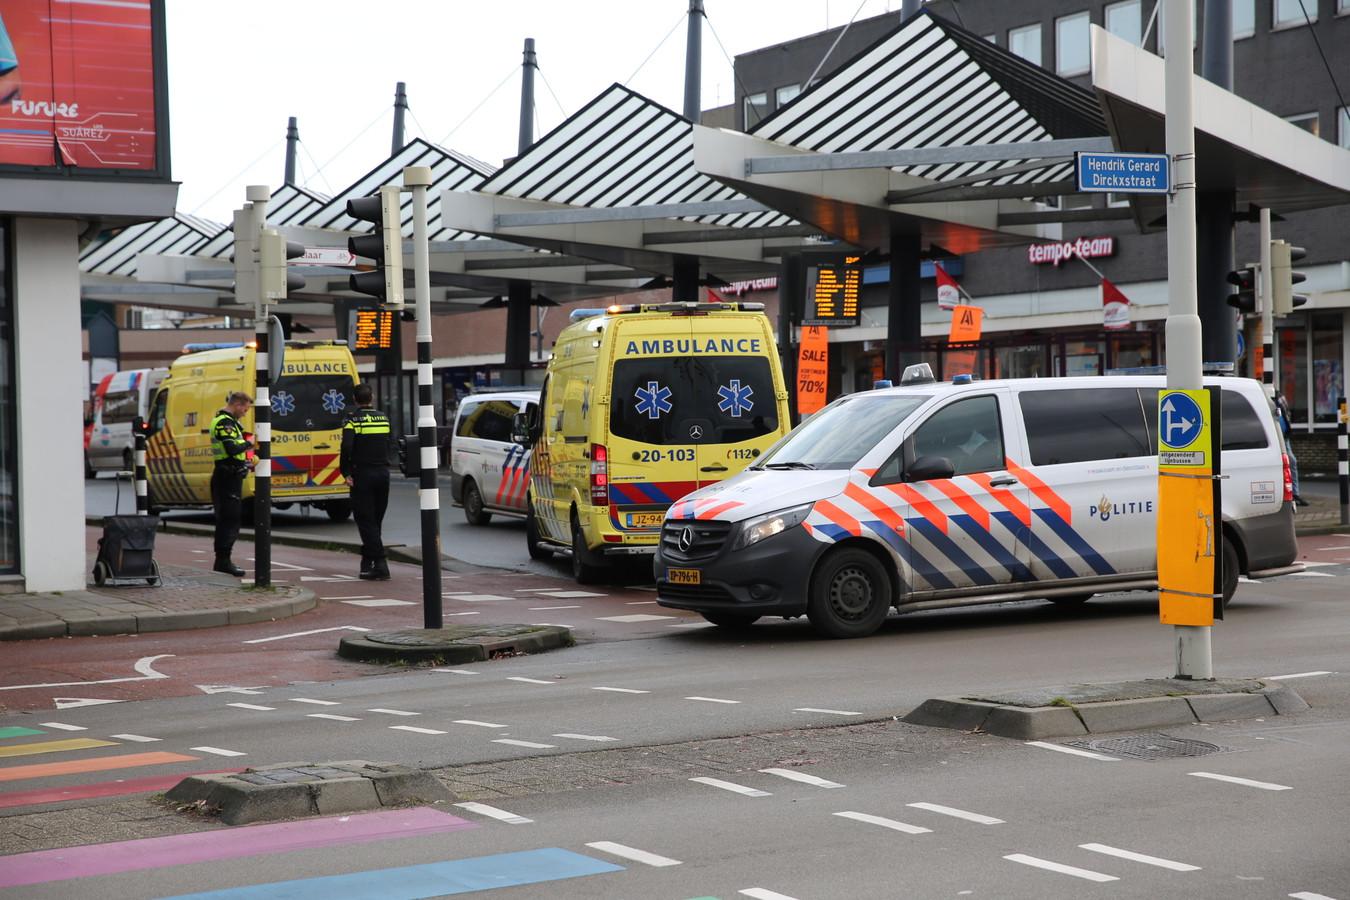 Het slachtoffer raakte zwaargewond, de fietser reed door